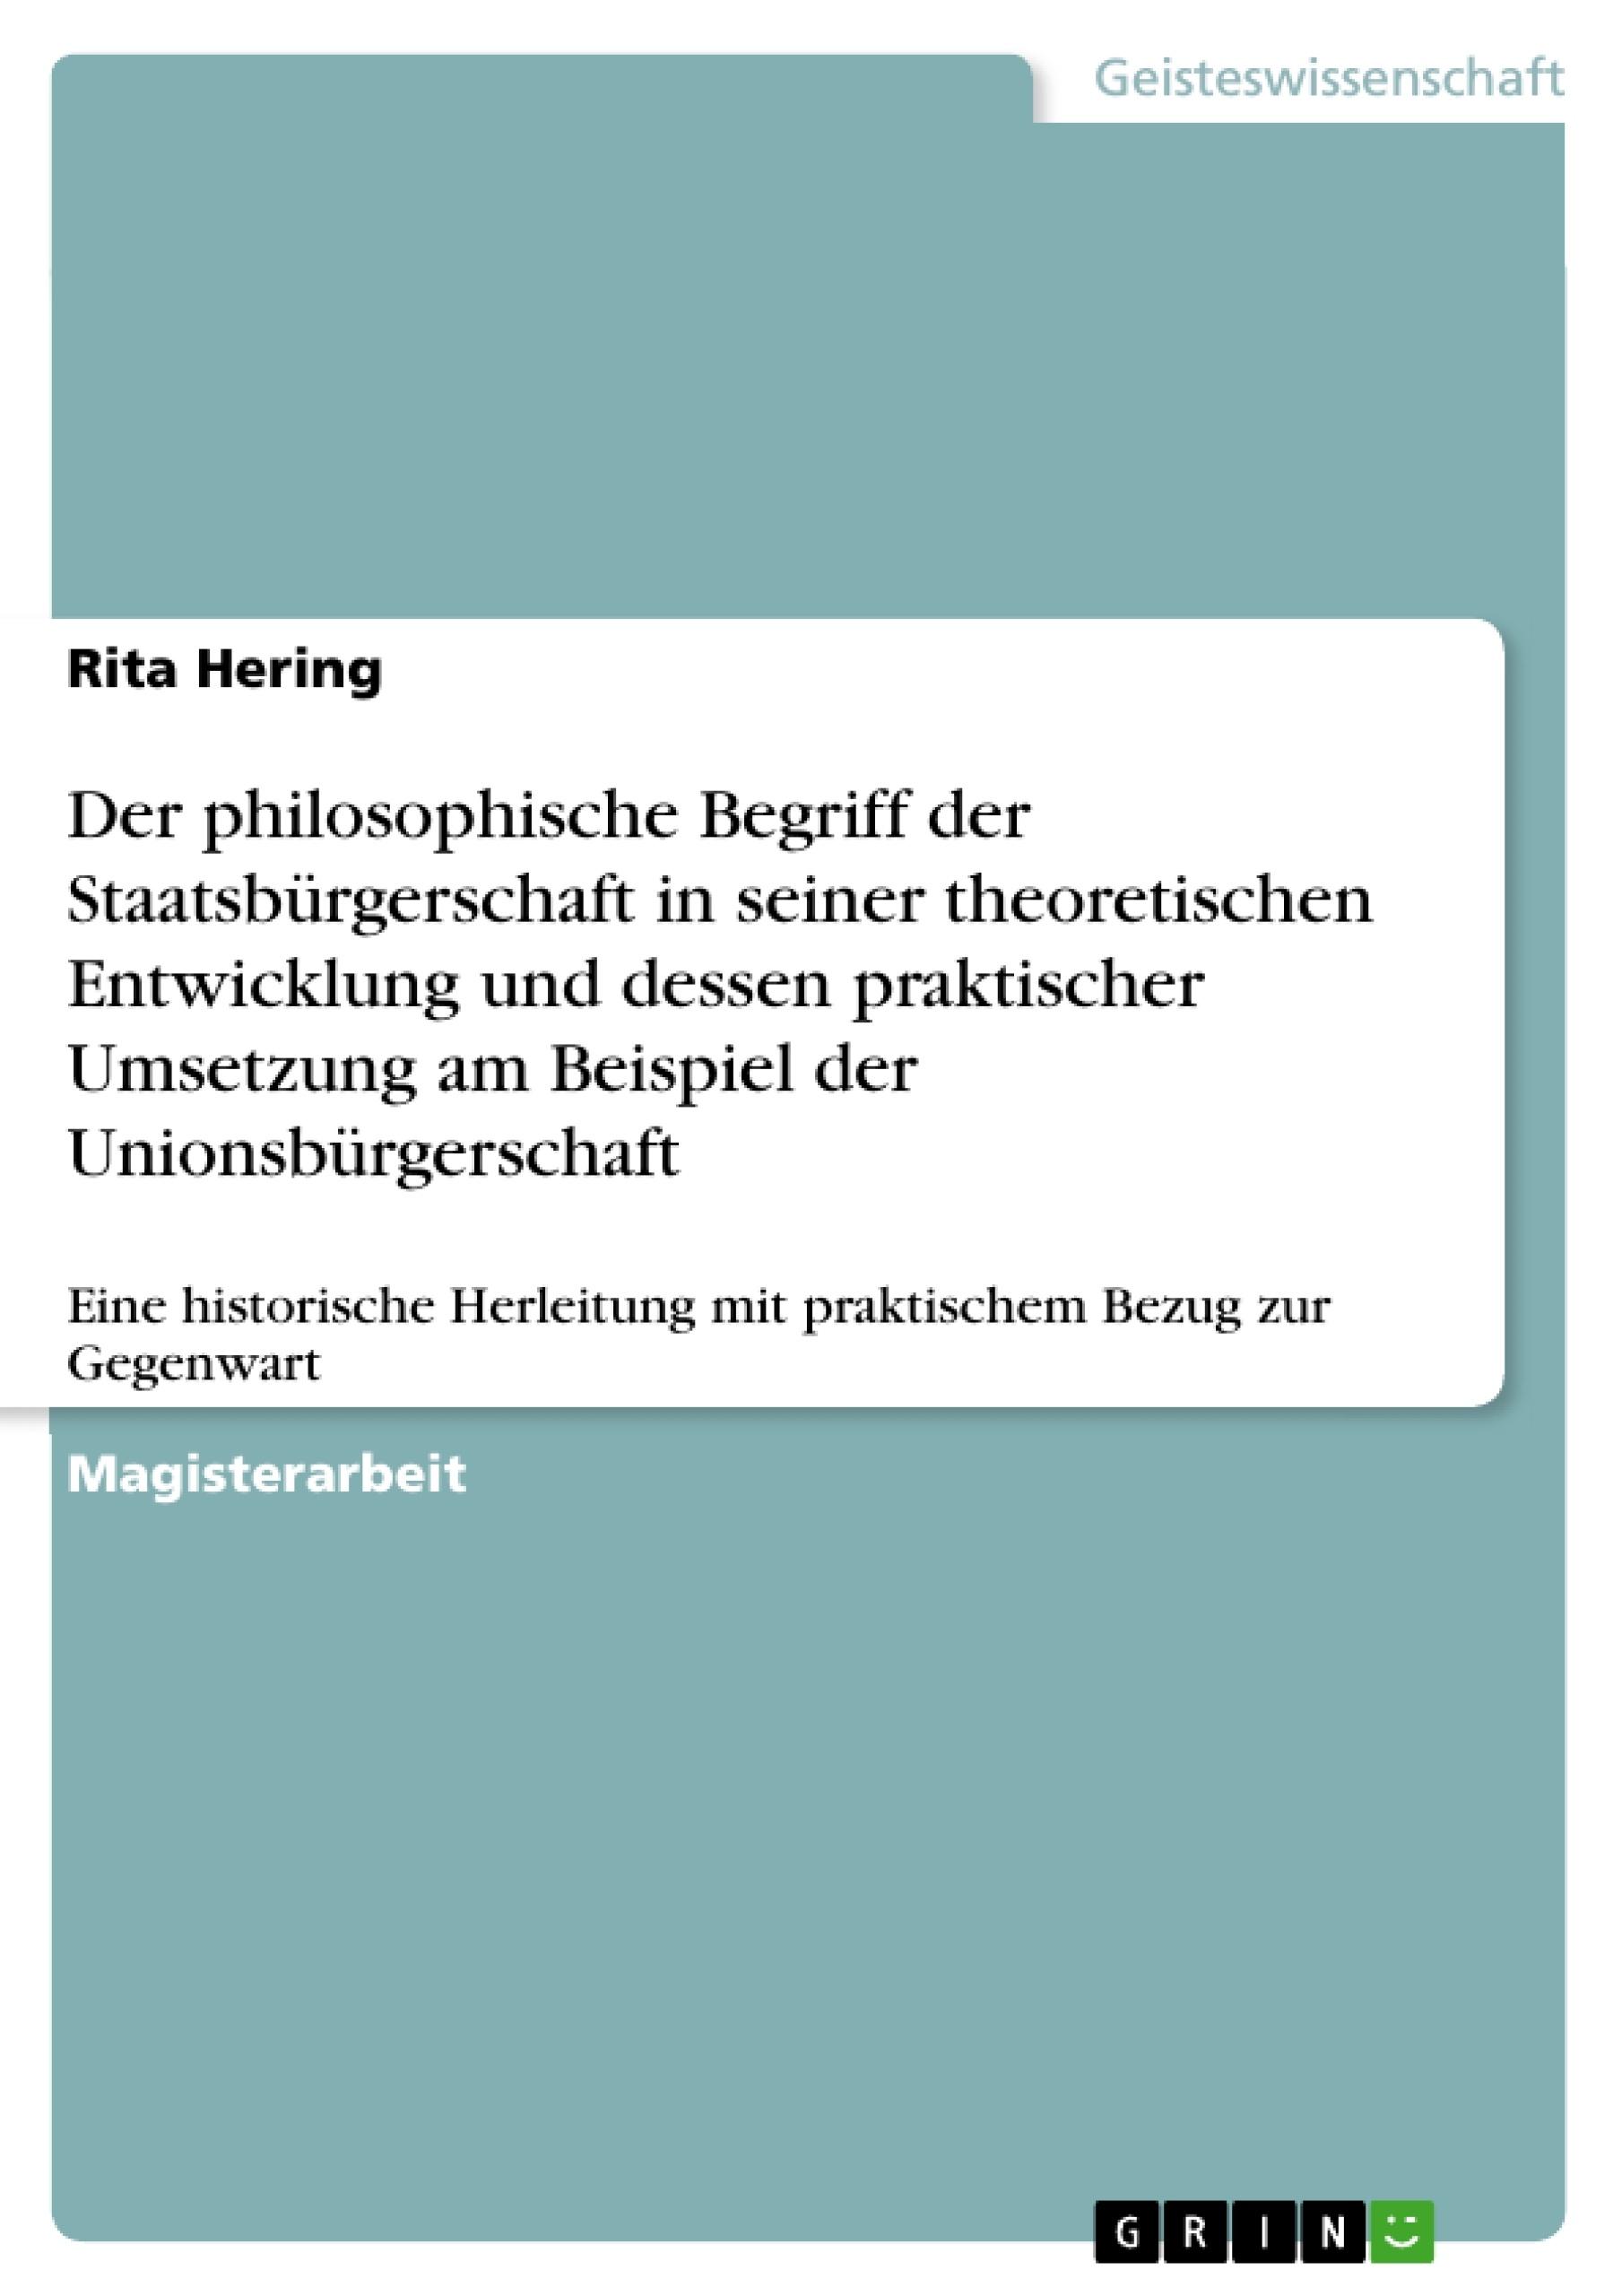 Titel: Der philosophische Begriff der Staatsbürgerschaft in seiner theoretischen Entwicklung und dessen praktischer Umsetzung am Beispiel der Unionsbürgerschaft